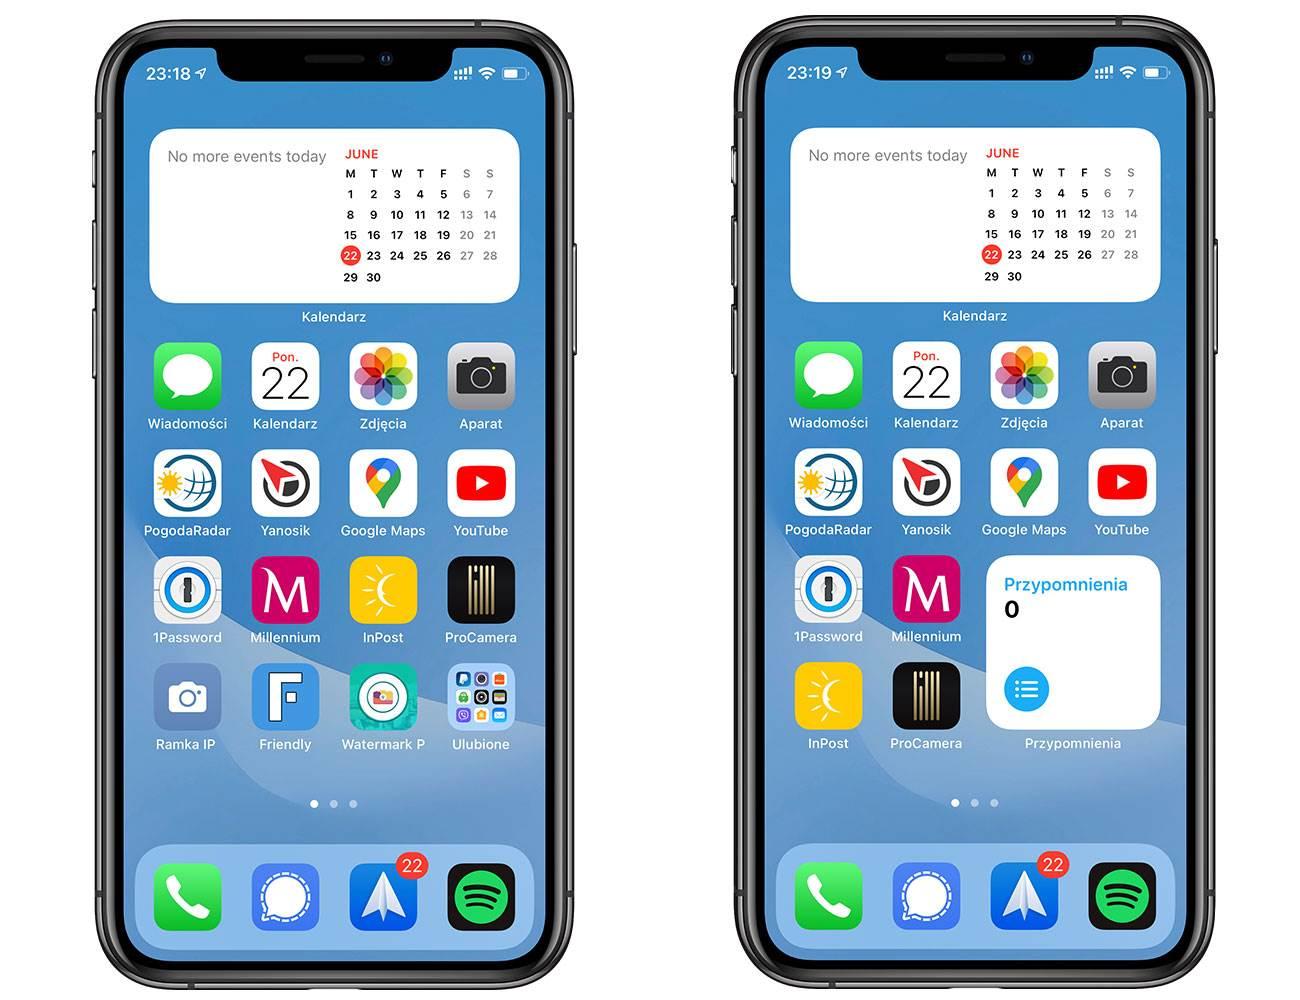 iOS 14 - polskie screeny polecane, ciekawostki zrzuty ekranu, screeny, polskie screeny z iOS 14 beta 1, polskie screeny z iOS 14, jak wygląda iOS 14 beta, jak wyglada iOS 14, iOS 14 z bliska, iOS 14 screeny, iOS 14 beta screeny, iOS, Apple  Pierwsza beta iOS 14 jest już w naszych rękach, więc przygotowaliśmy dla Was polskie screeny z najnowszej wersji iOS. iOS14beta1 9